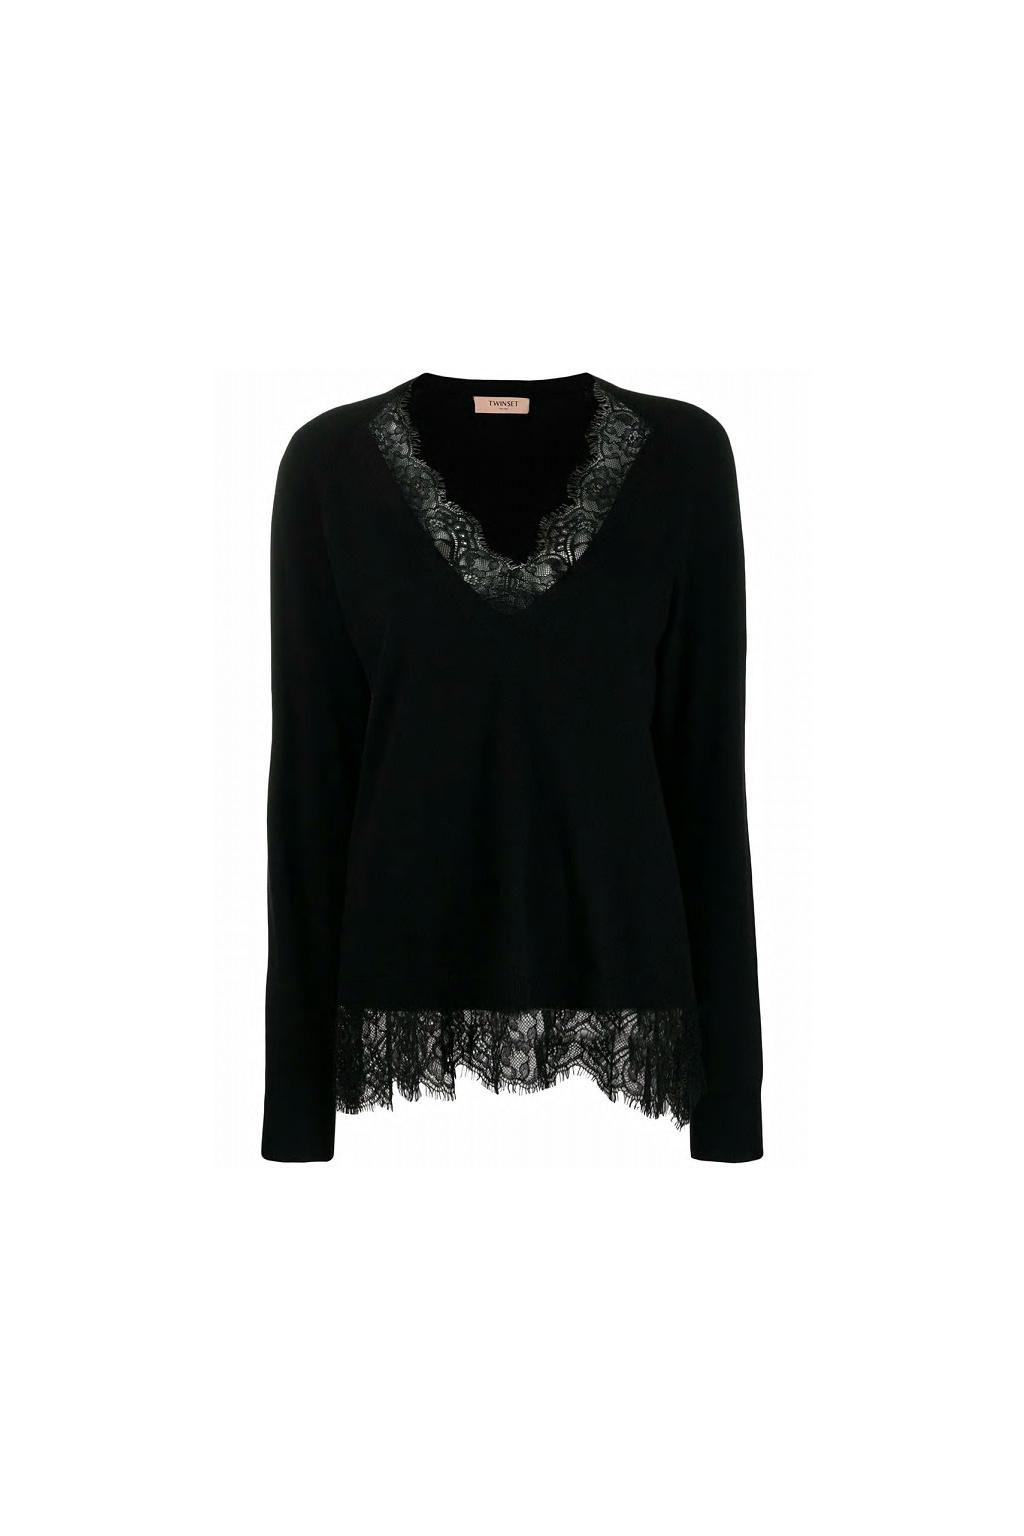 192TP3161 Dámský pletený svetr Twinset černý